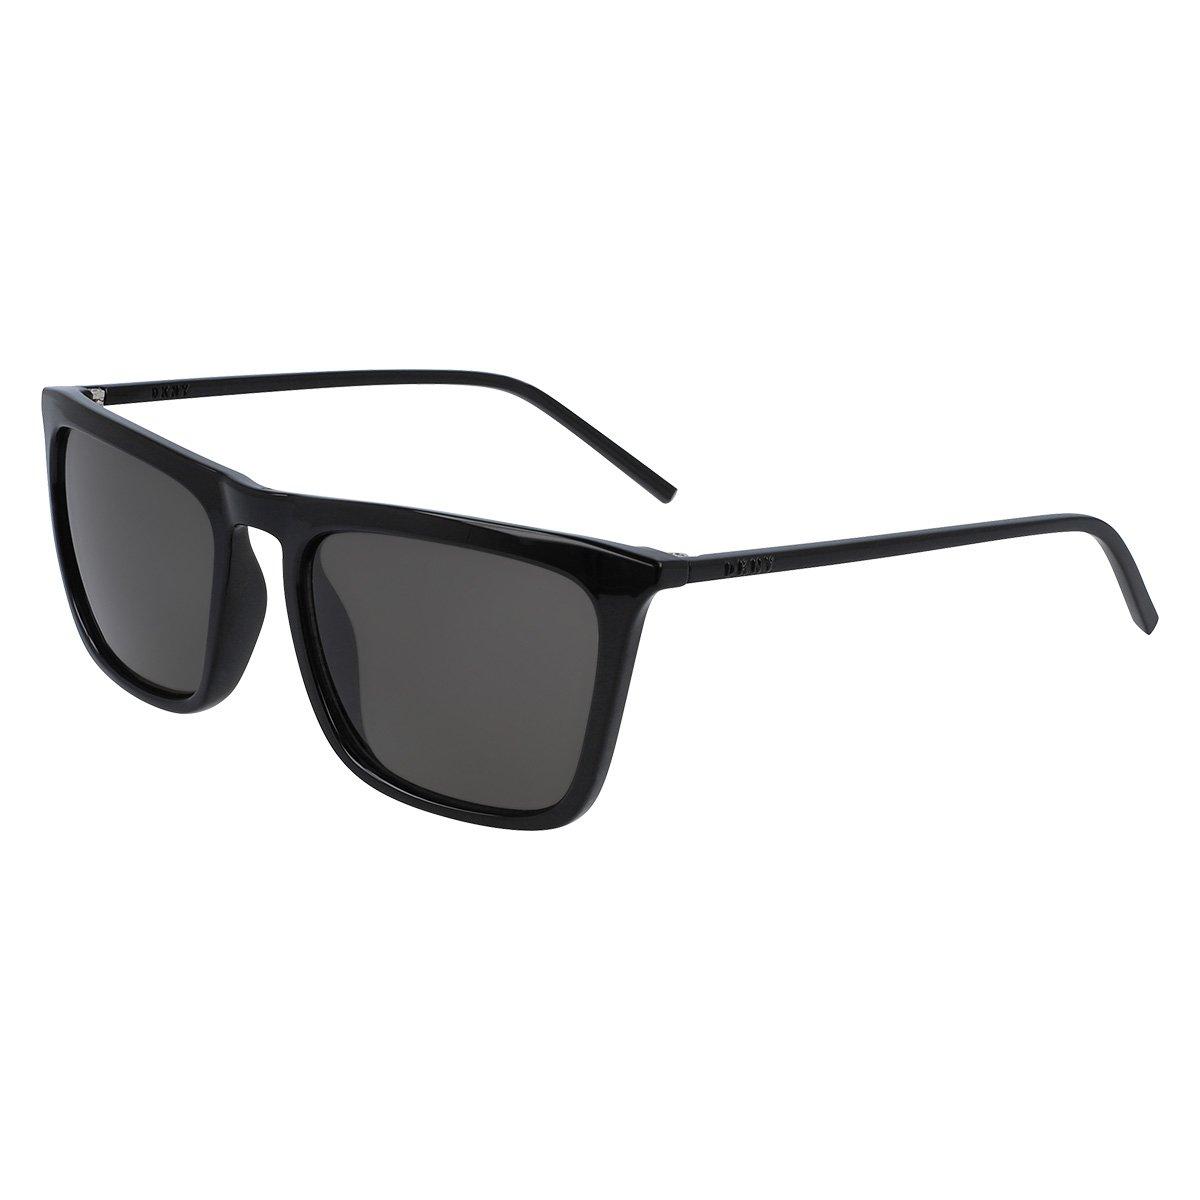 Óculos De Sol DKNY DK505S 001 Feminino